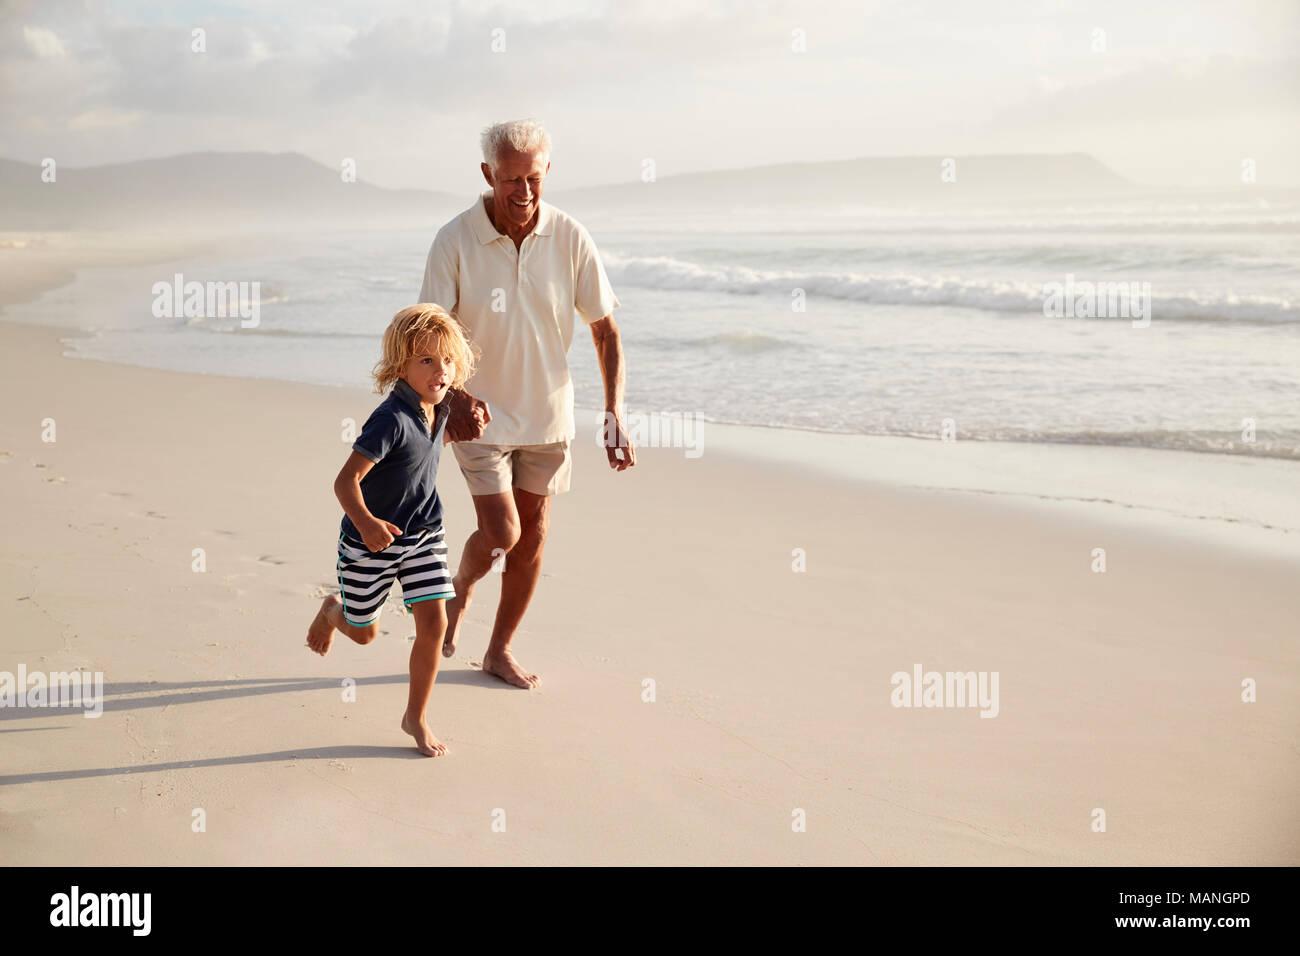 Nonno che corre lungo la spiaggia con il nipote sulle vacanze estive Immagini Stock